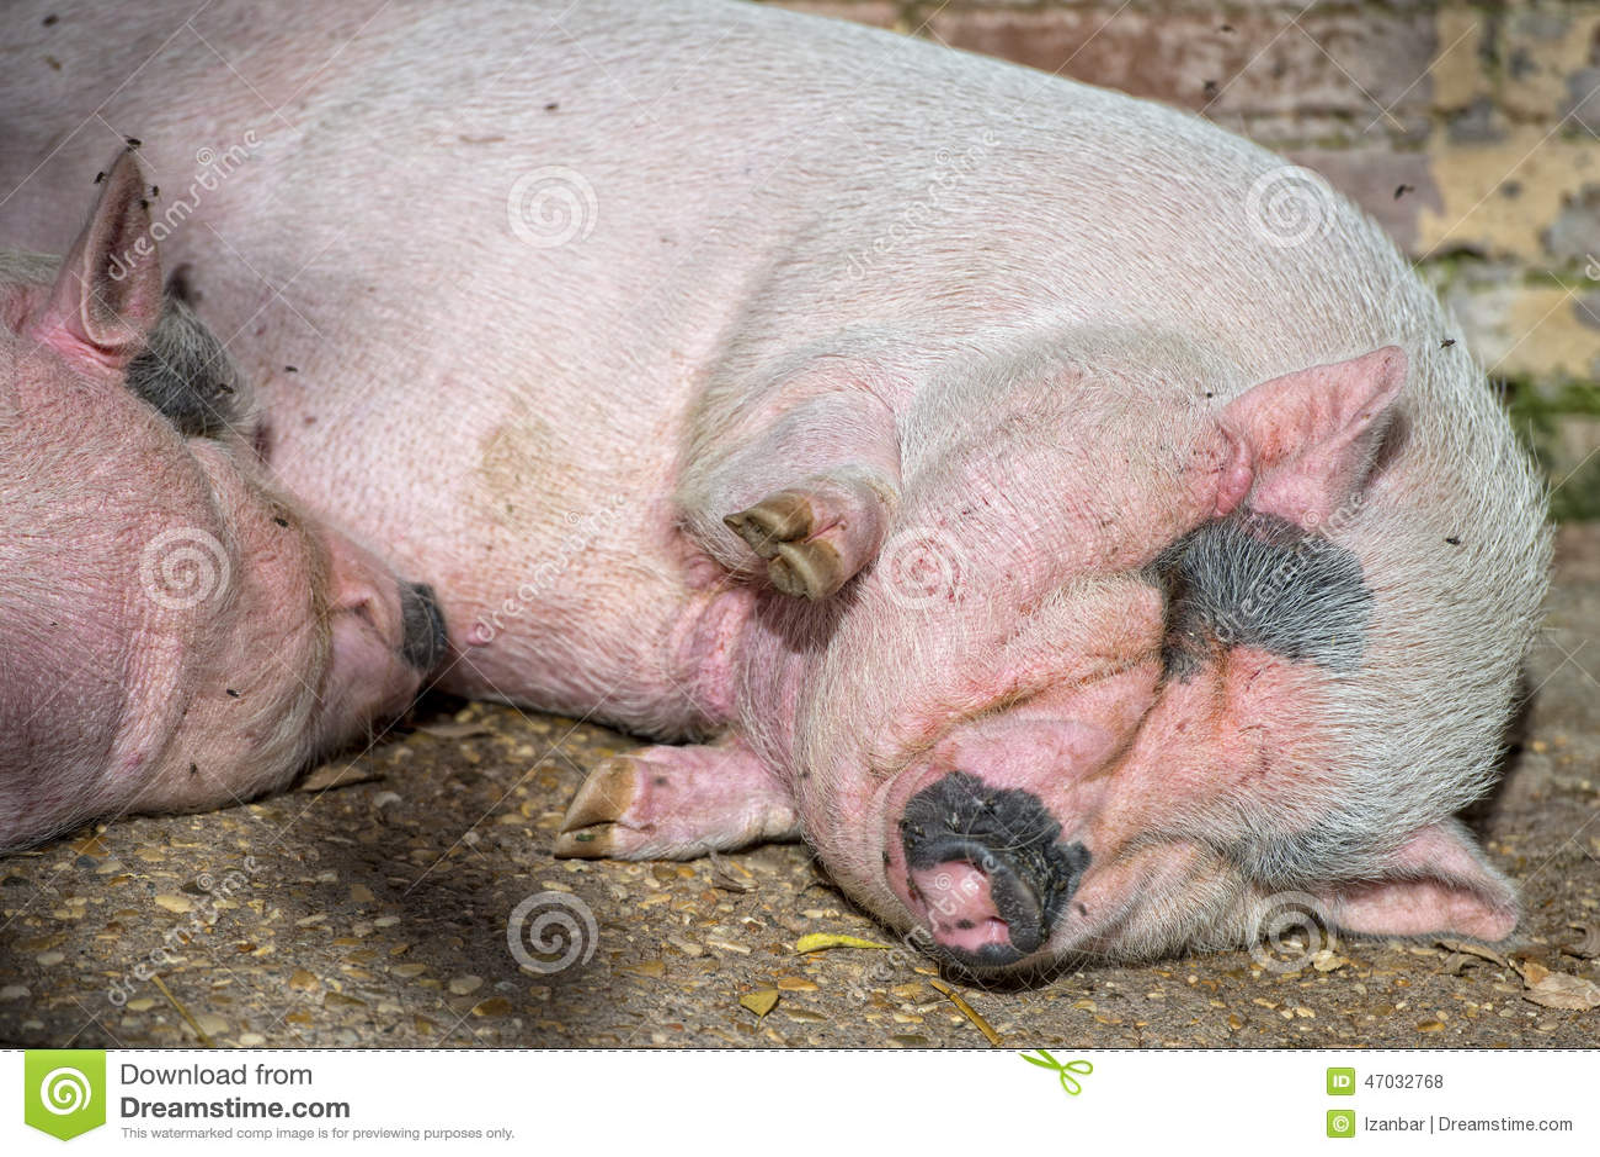 Свинья визжит во чему к сне